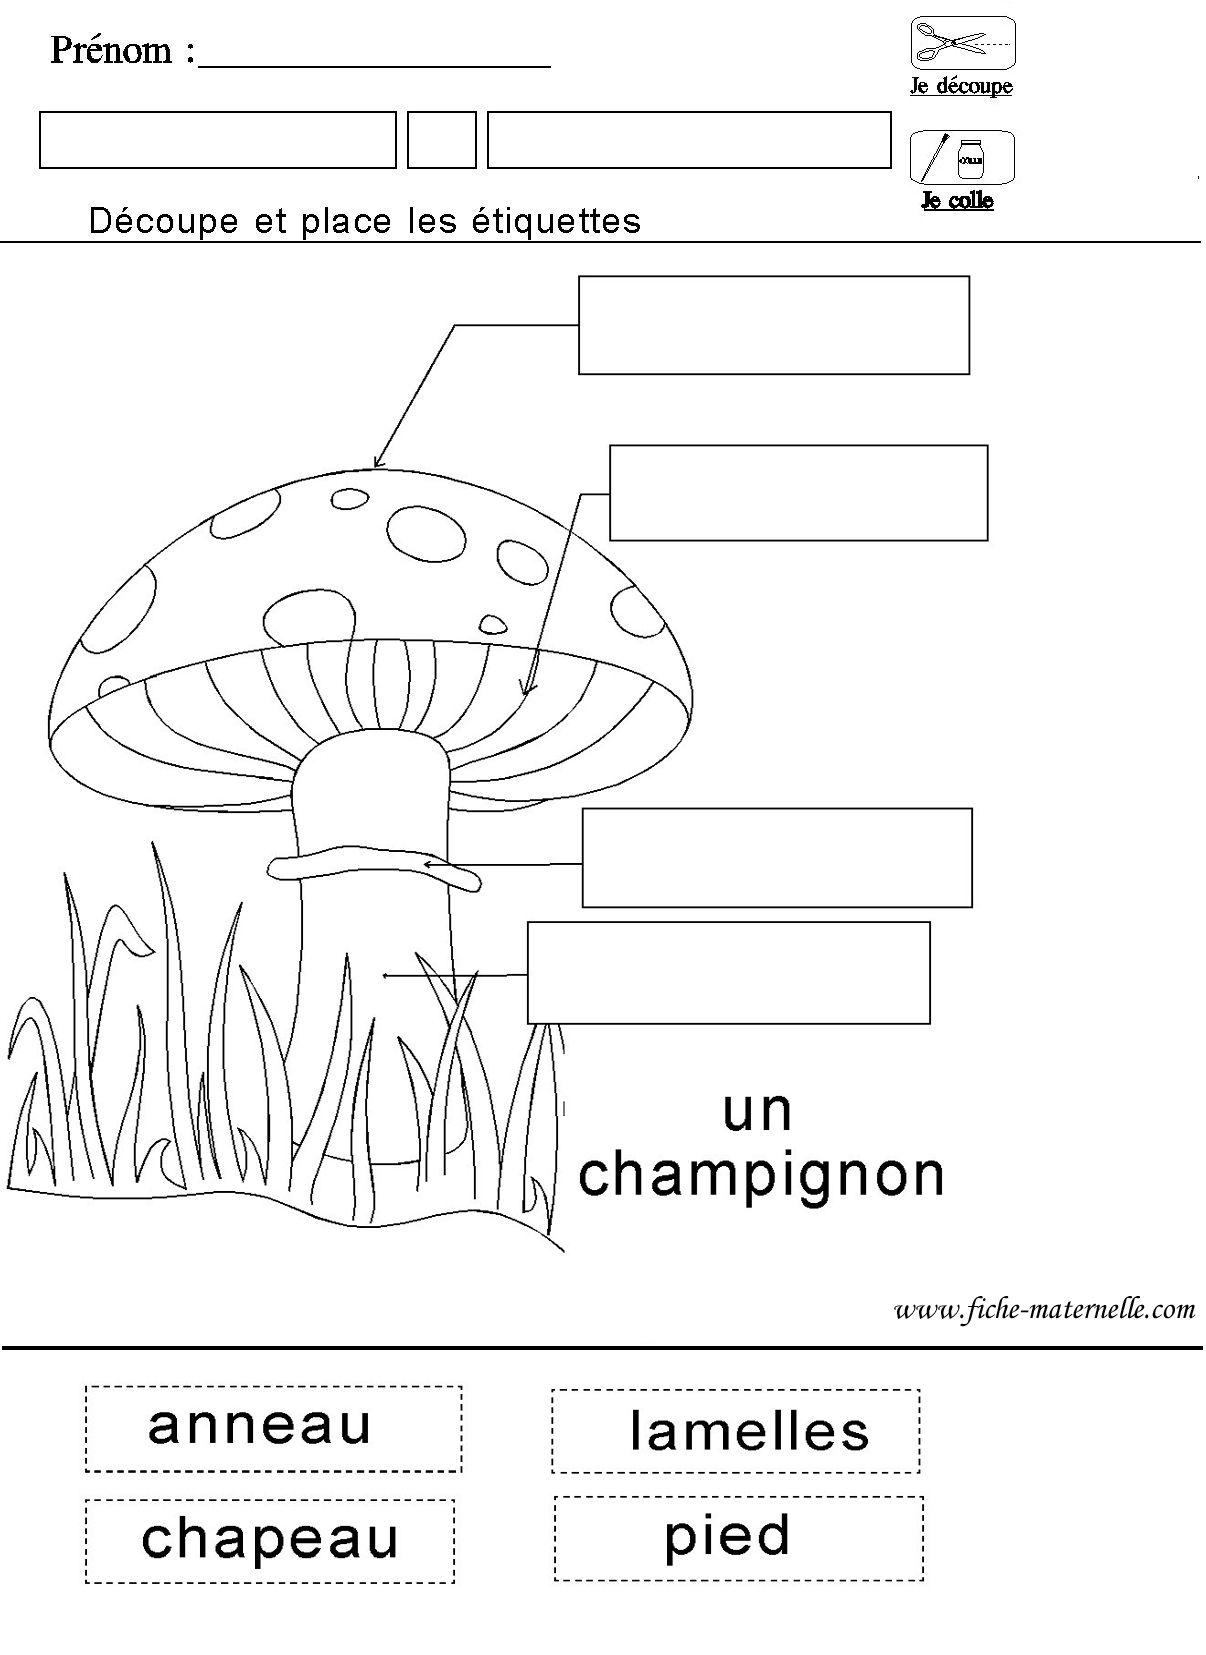 Le monde du vivant fiche sur le champignon sciences pinterest le champi - Champignons sur les murs interieurs ...